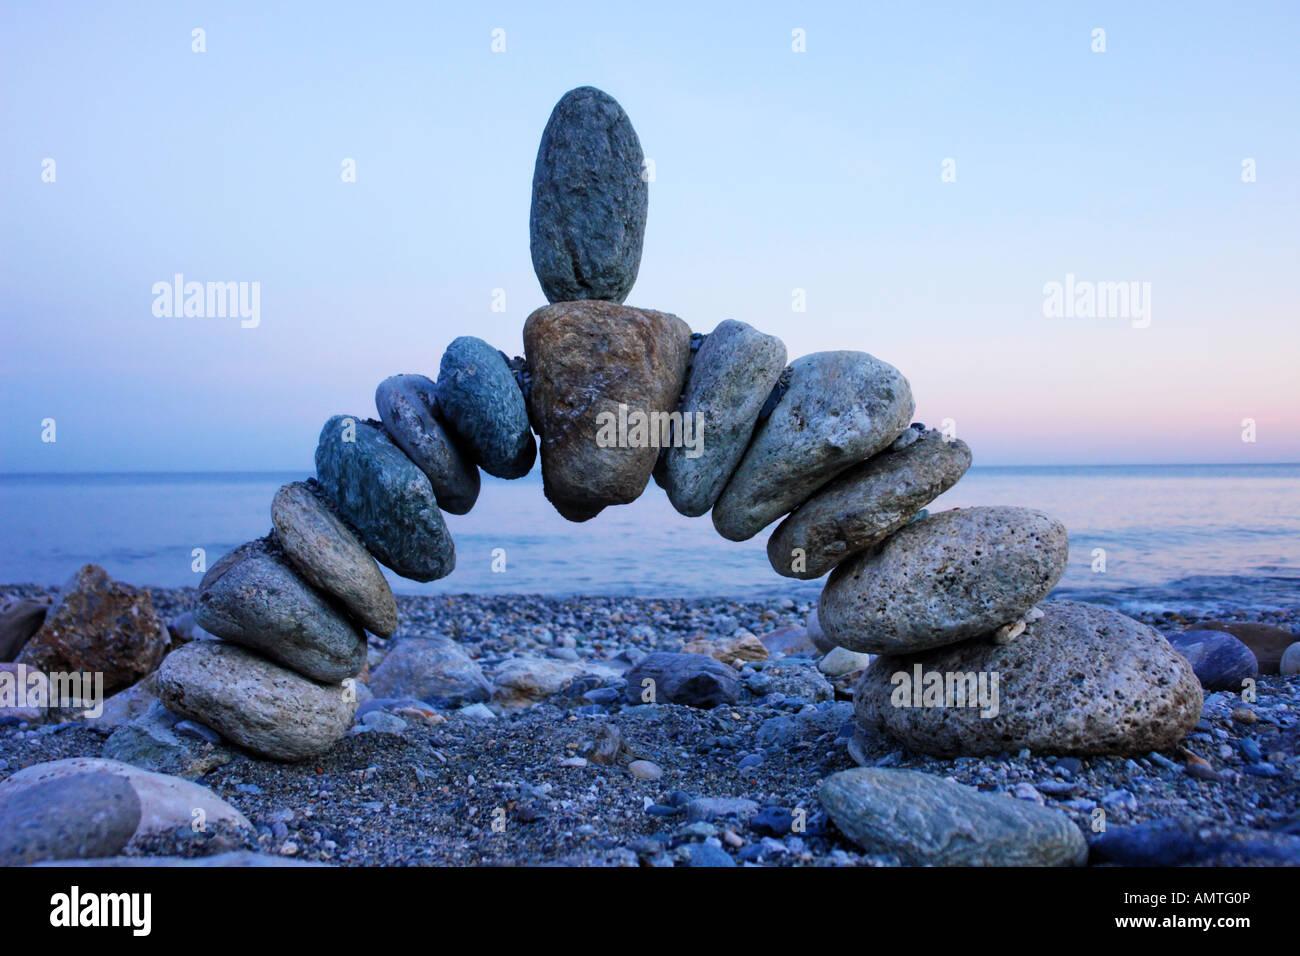 Foto de piedra en equilibrio en la playa. Imagen De Stock